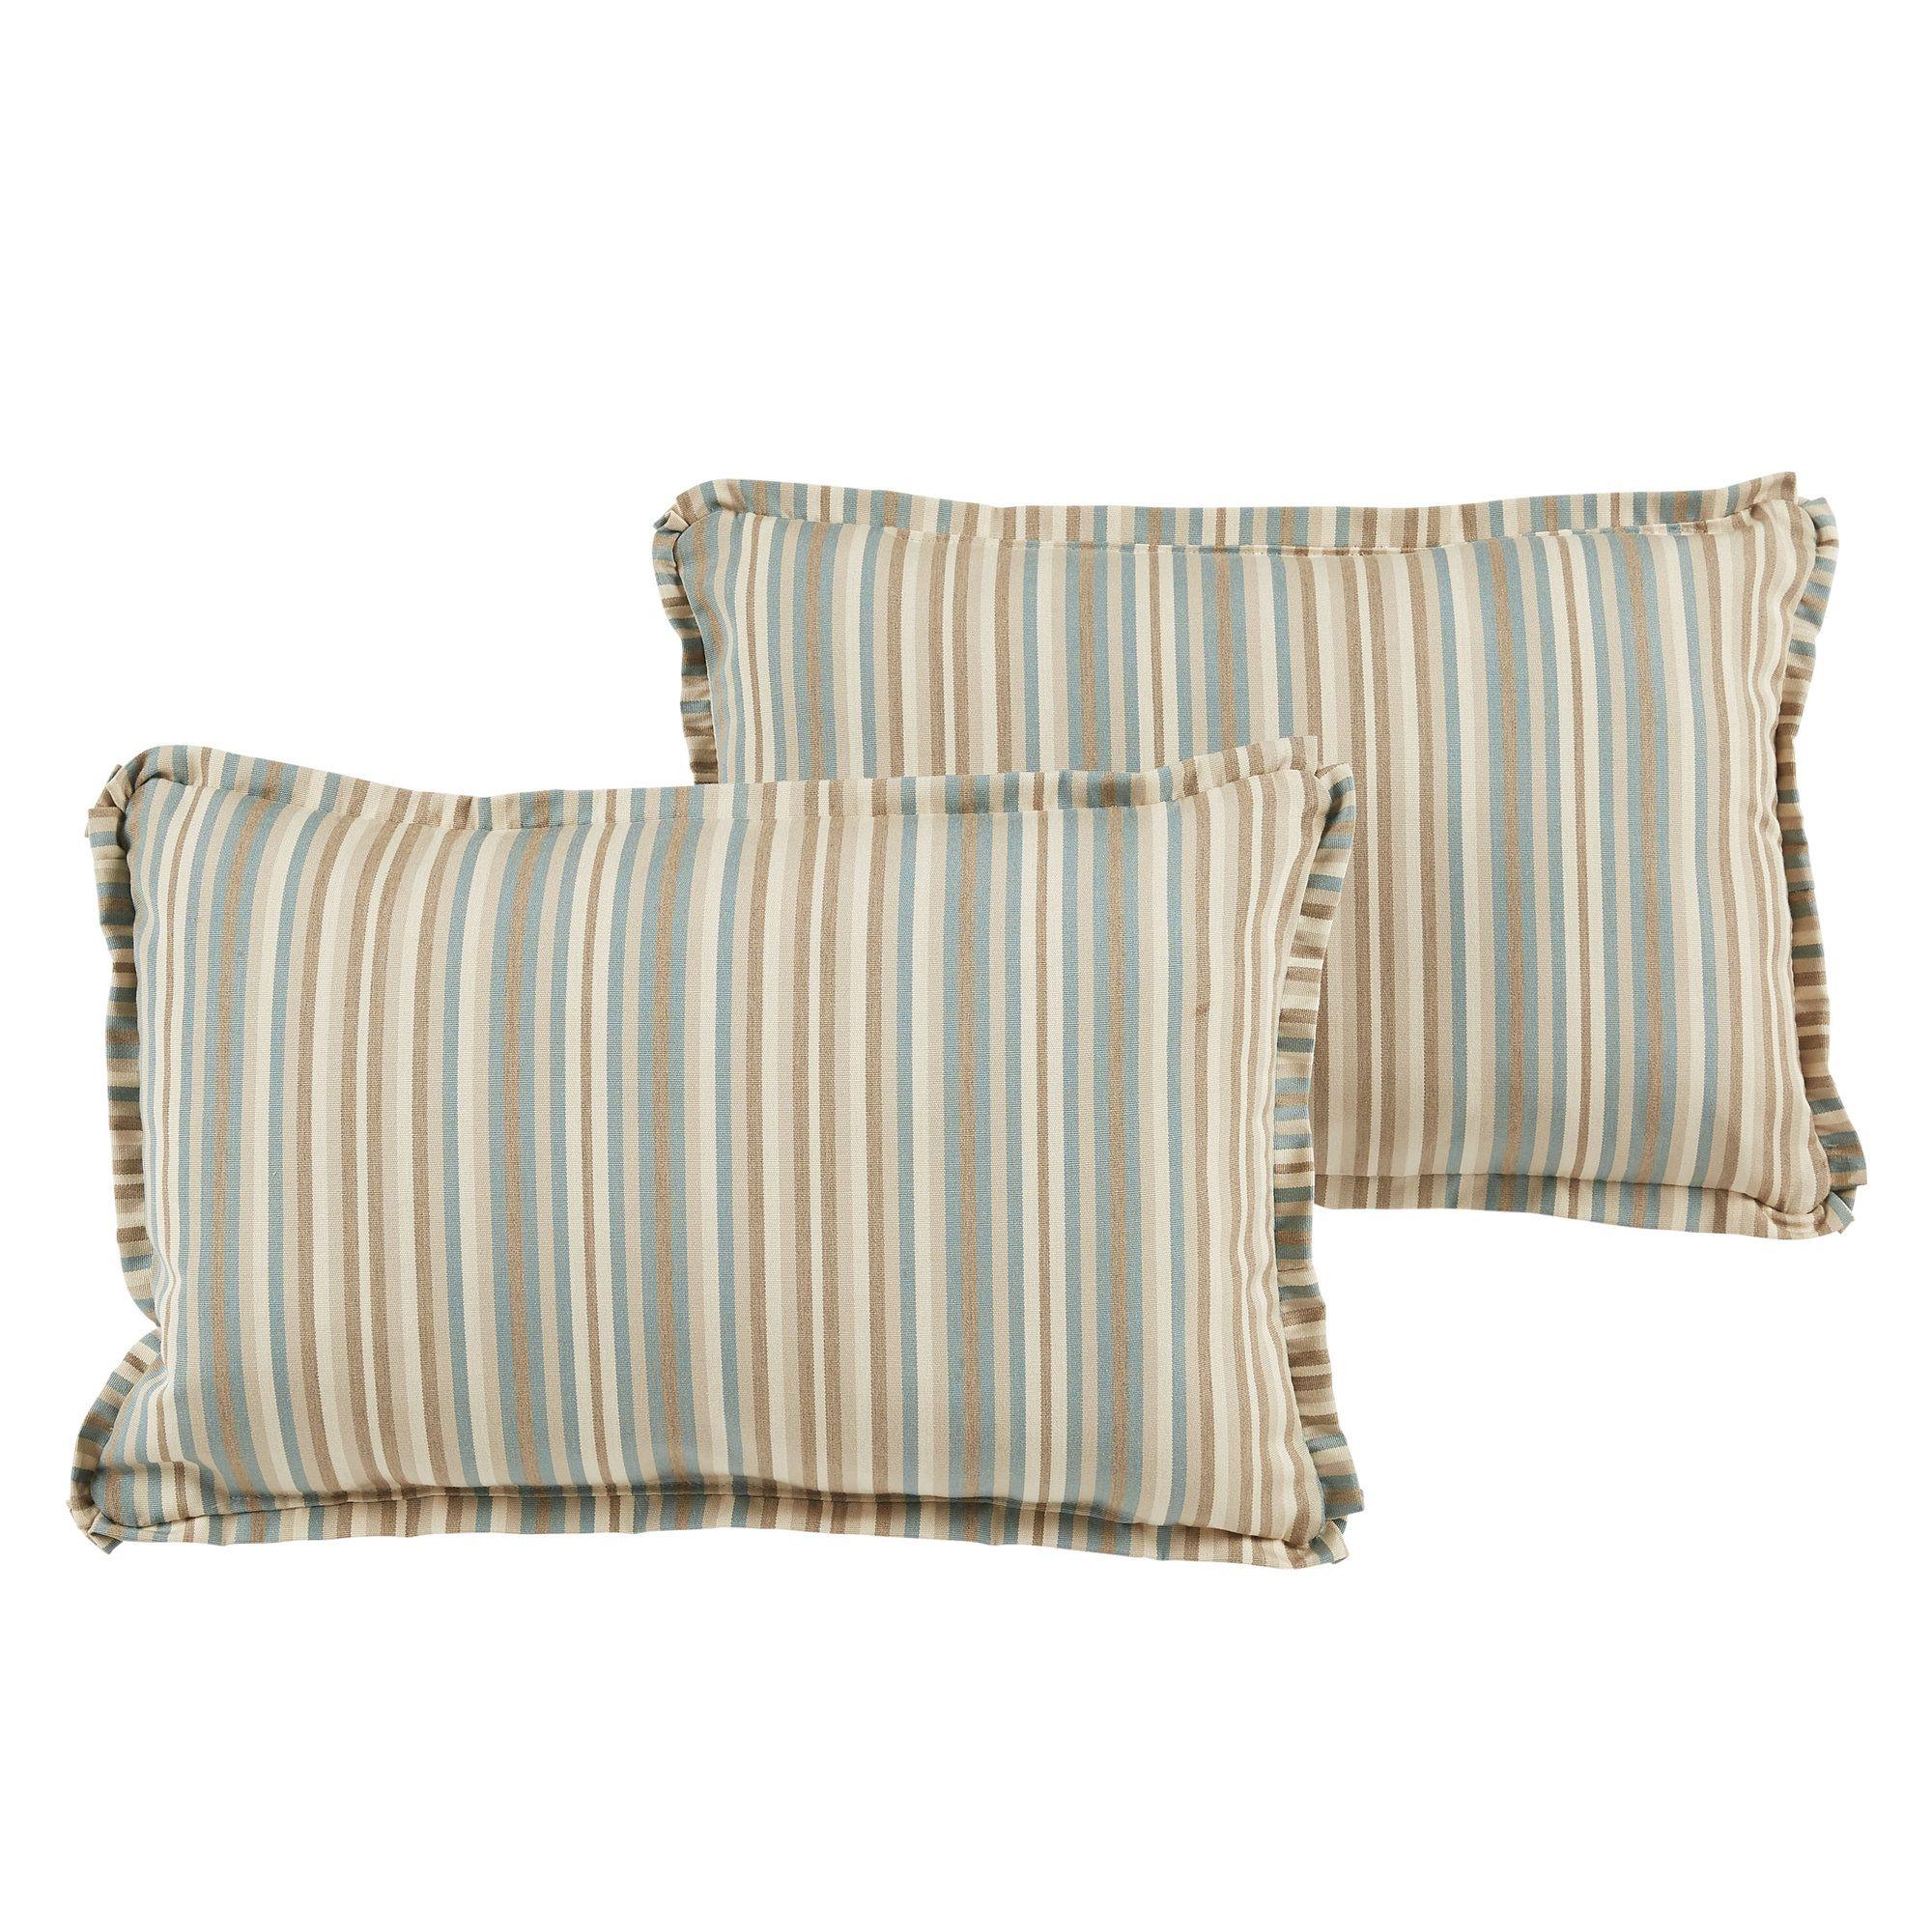 Ianna Indoor/Outdoor Sunbrella Lumbar Pillow